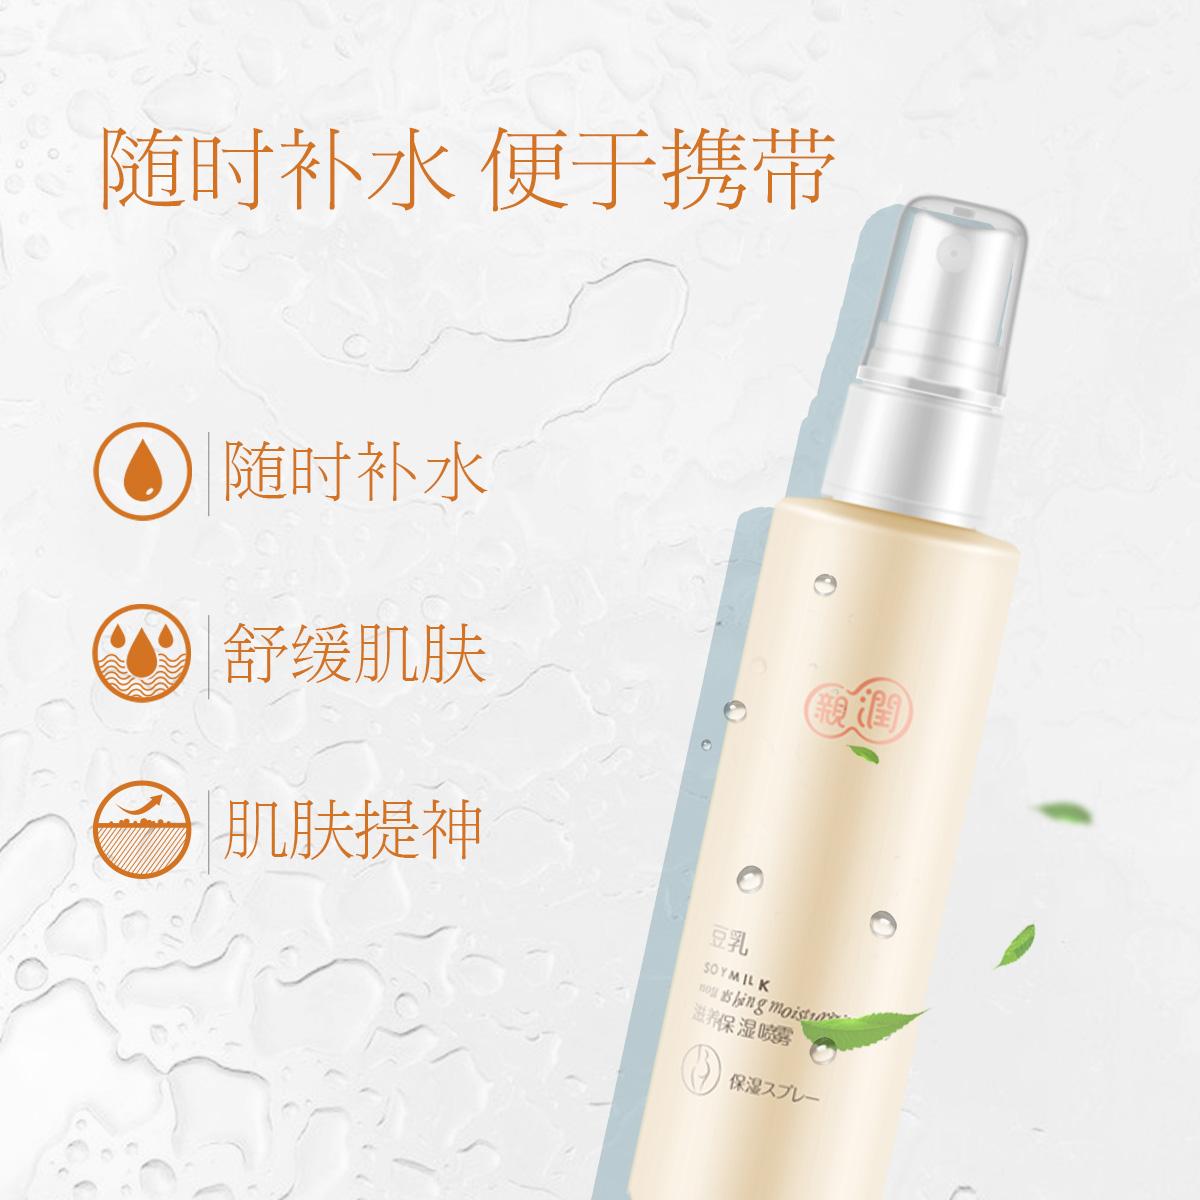 亲润豆乳滋养保湿喷雾 天然纯补水孕妇护肤品化妆品 防止肌肤干燥